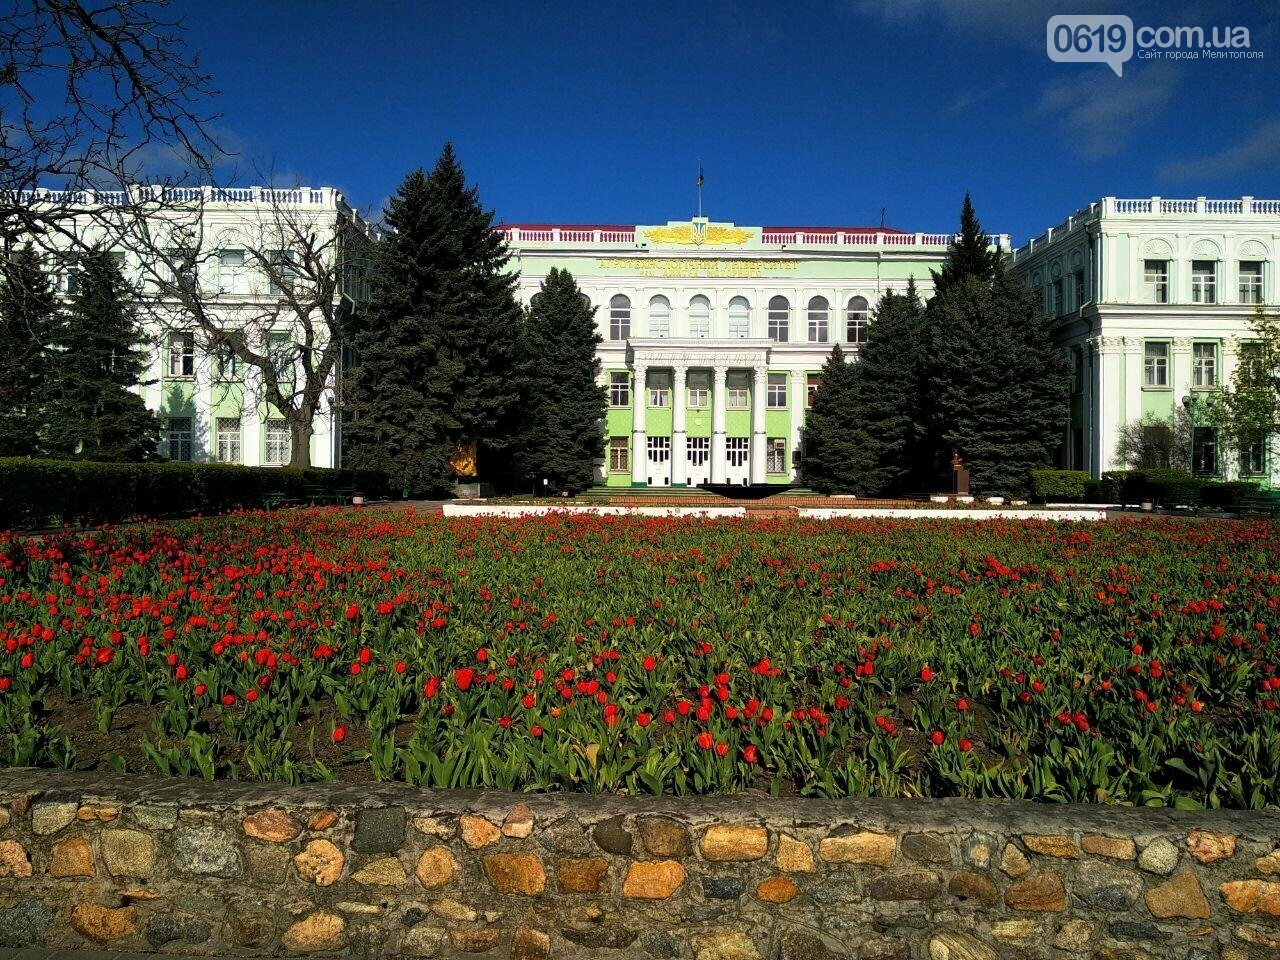 У центрі Мелітополя квітнуть сотні тюльпанів, фото-2